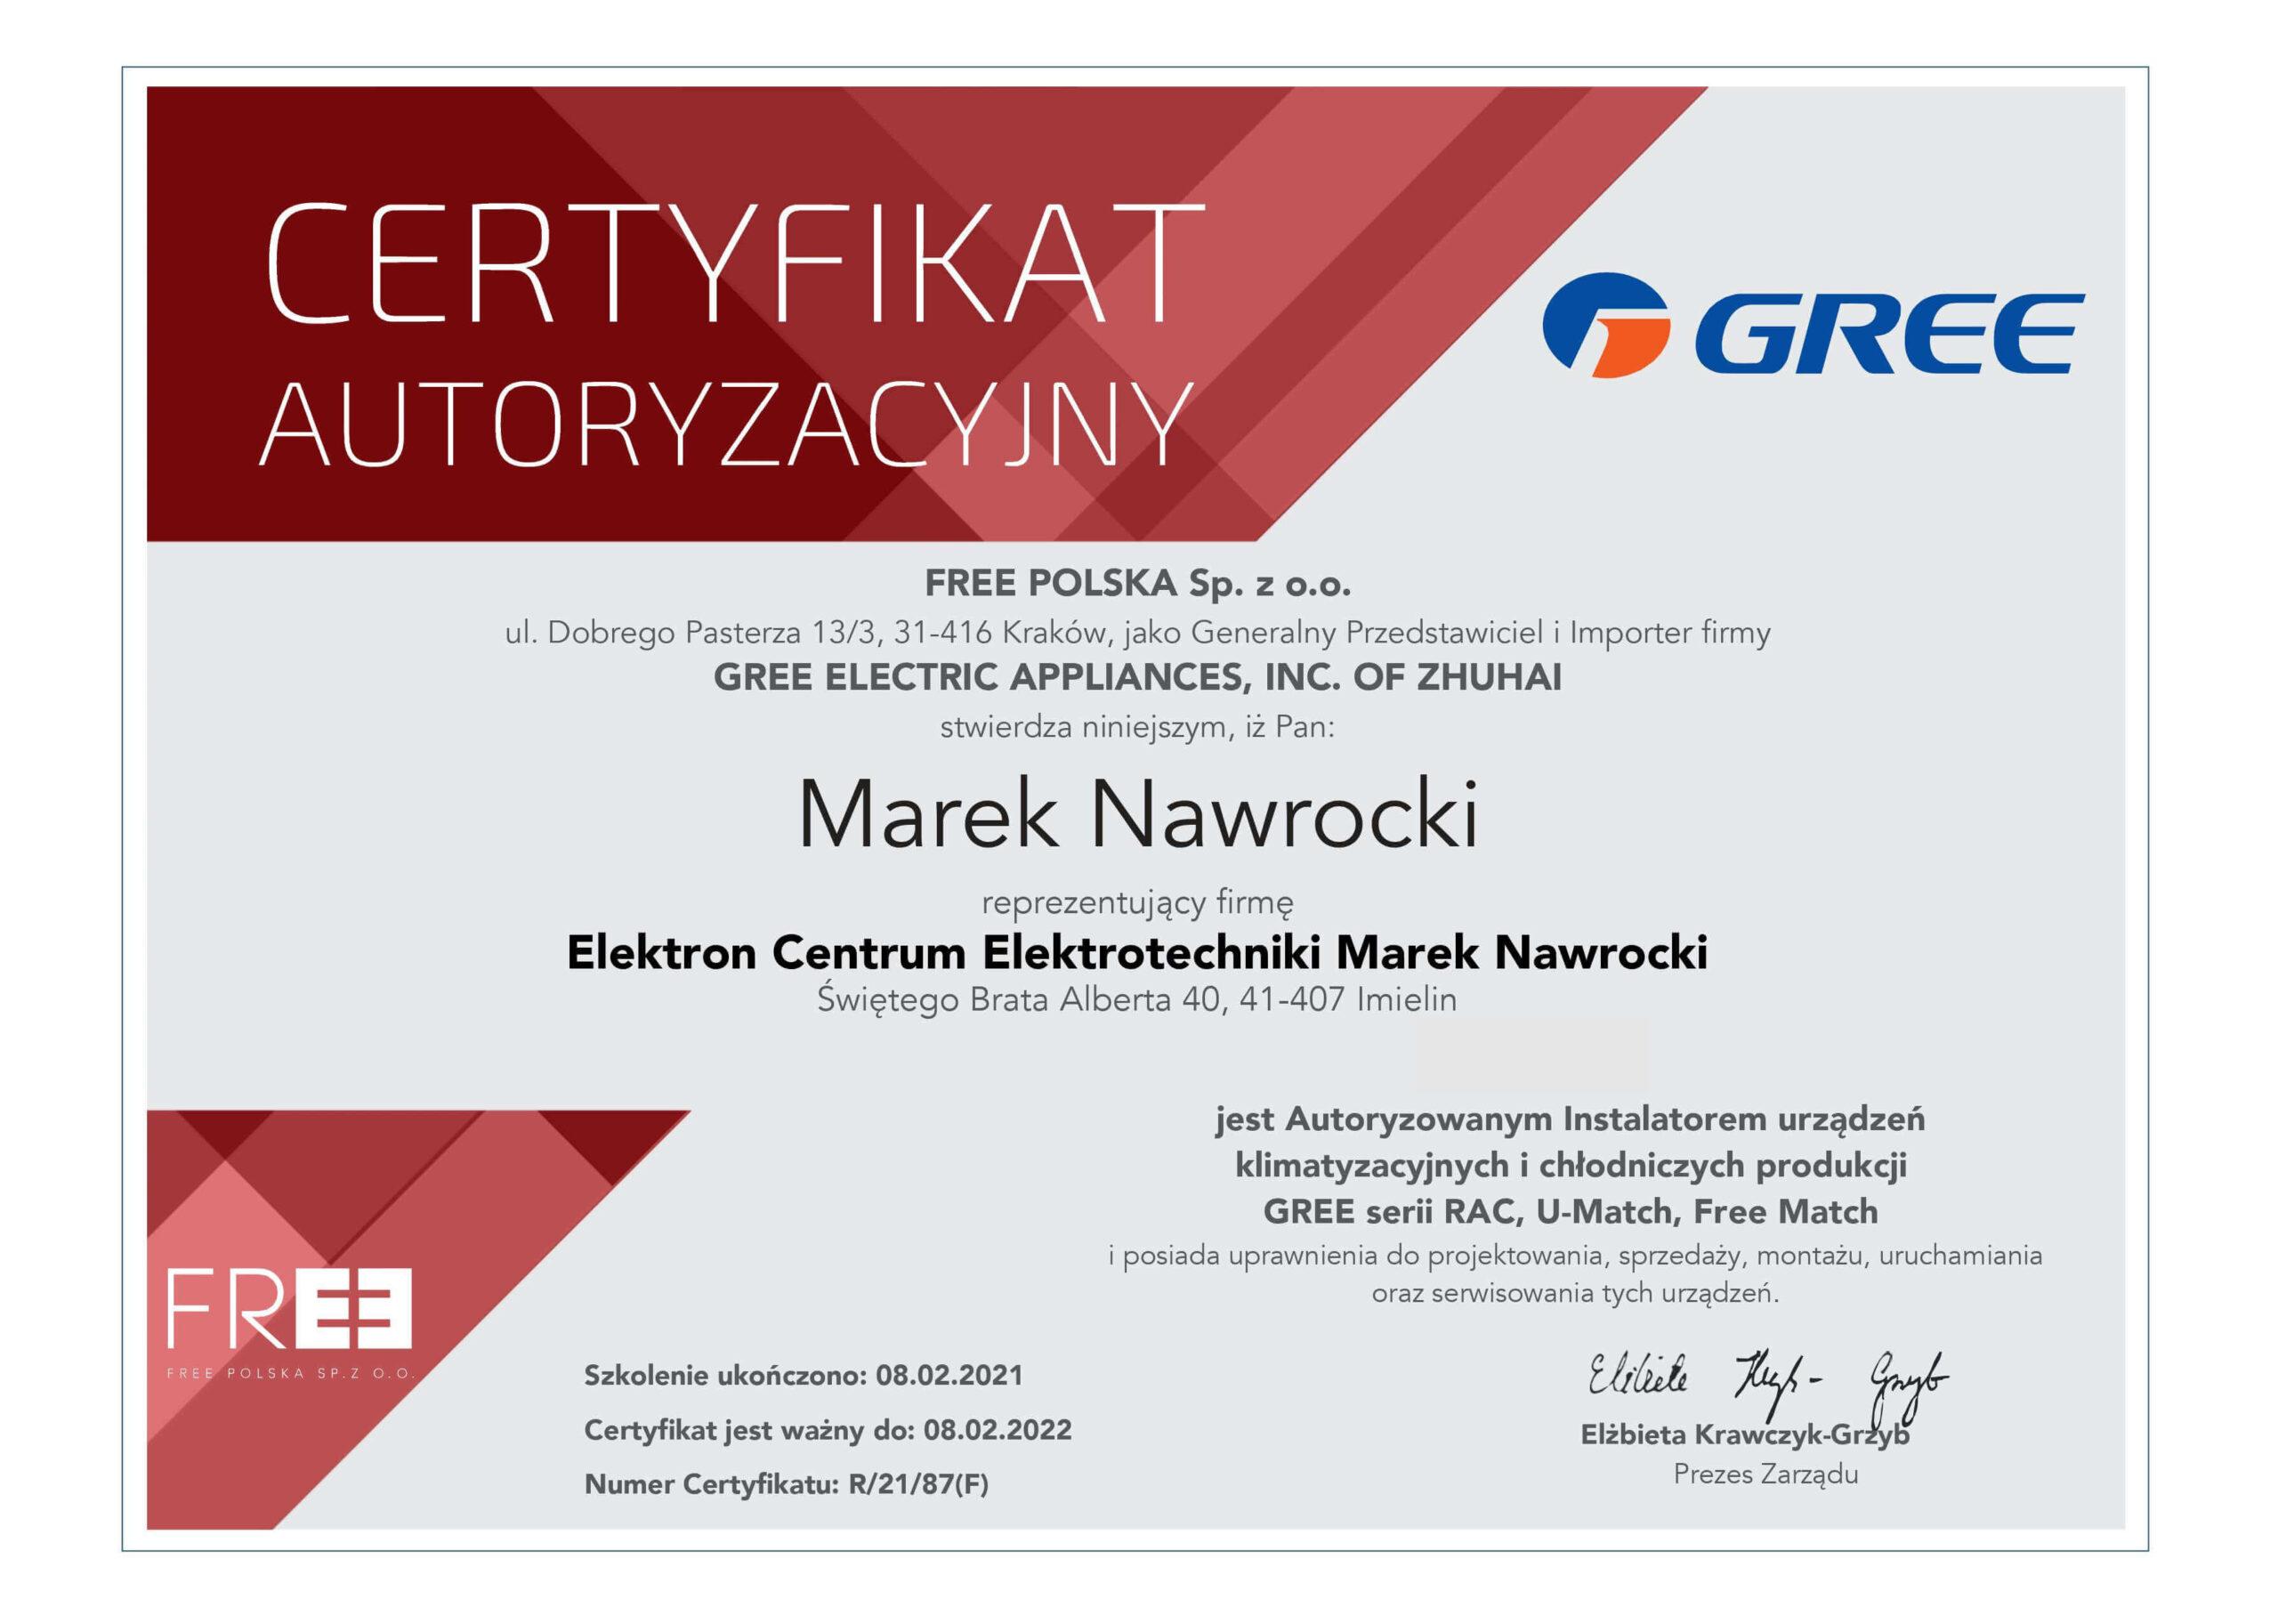 Certyfikat dla ECE Elektron Centrum Elektrotechniki autoryzowanego instalatora urządzeń klimatyzacyjnych i chłodzniczych GREE